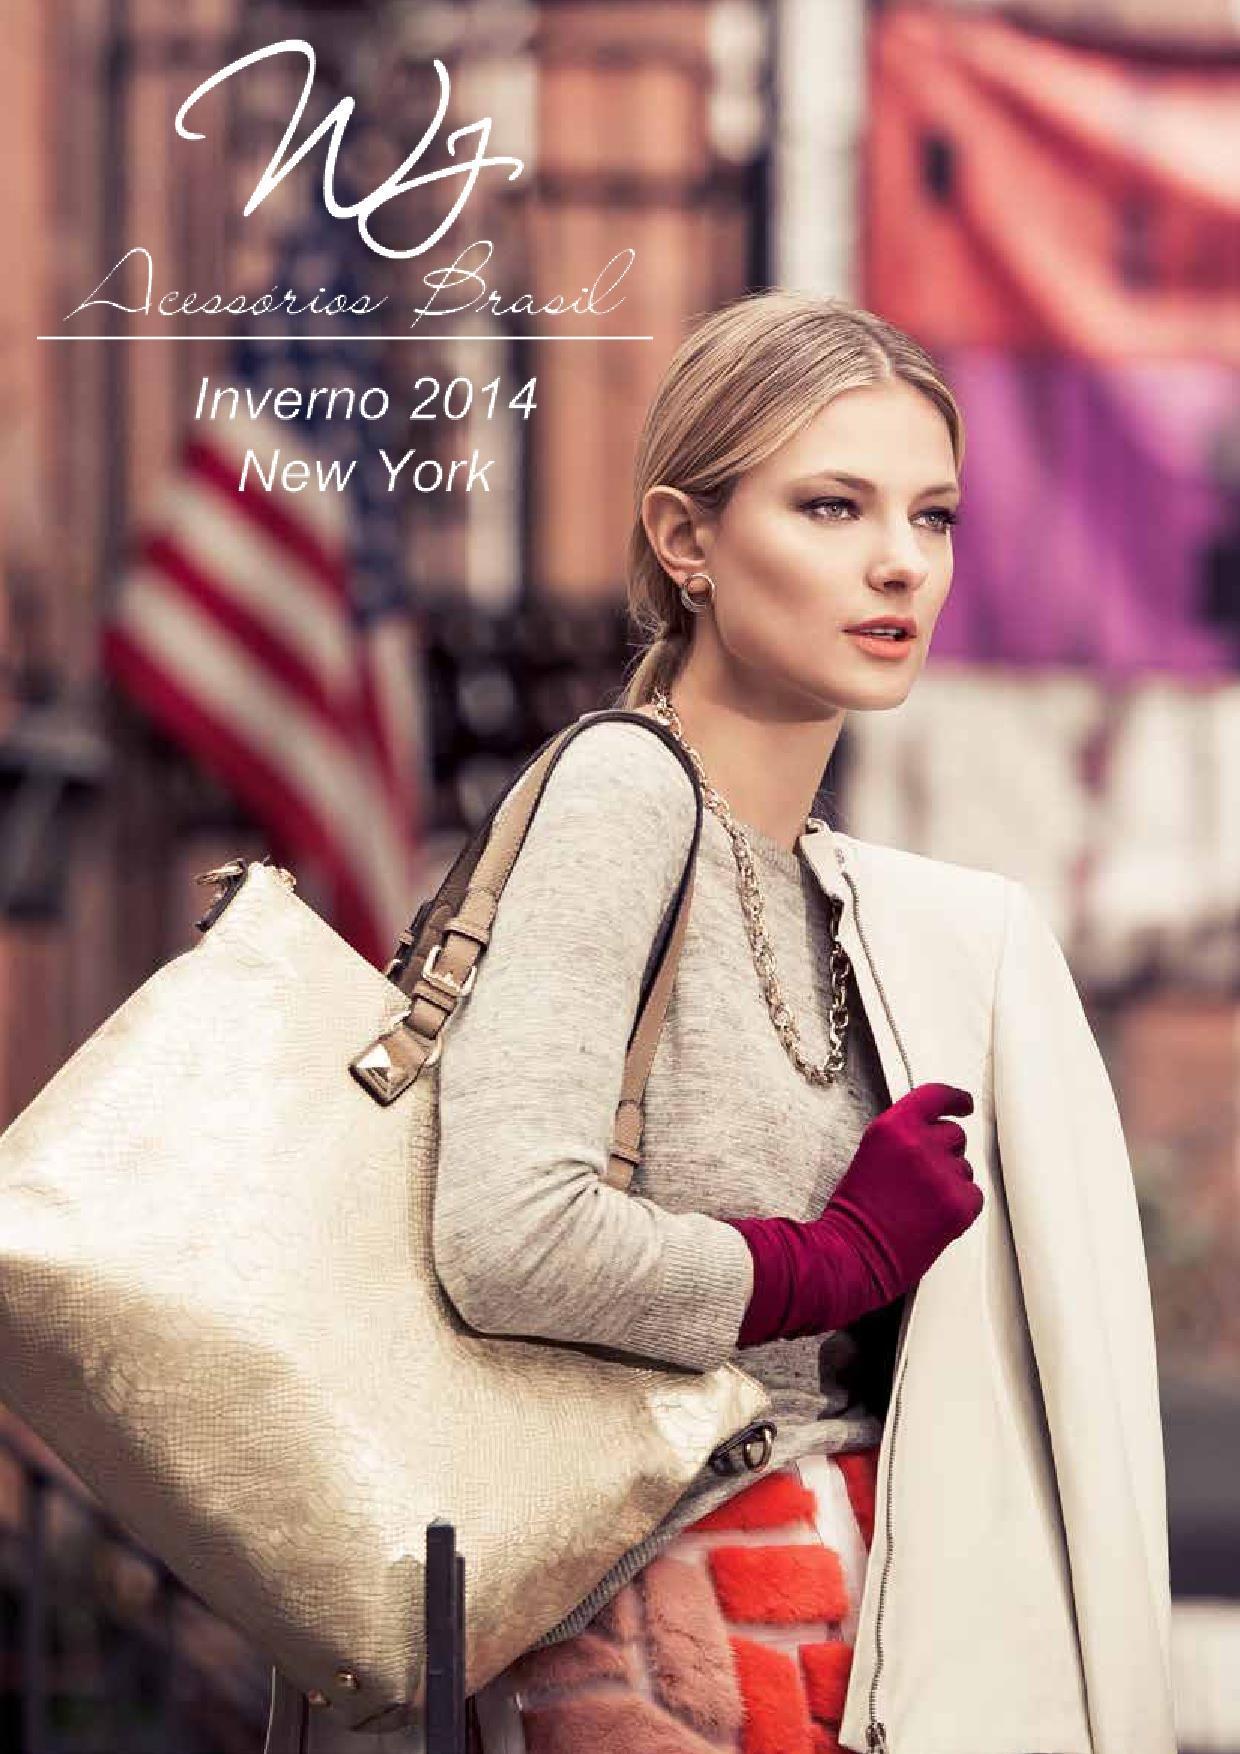 #bolsas #purses #bags #fashion #woman #acessories